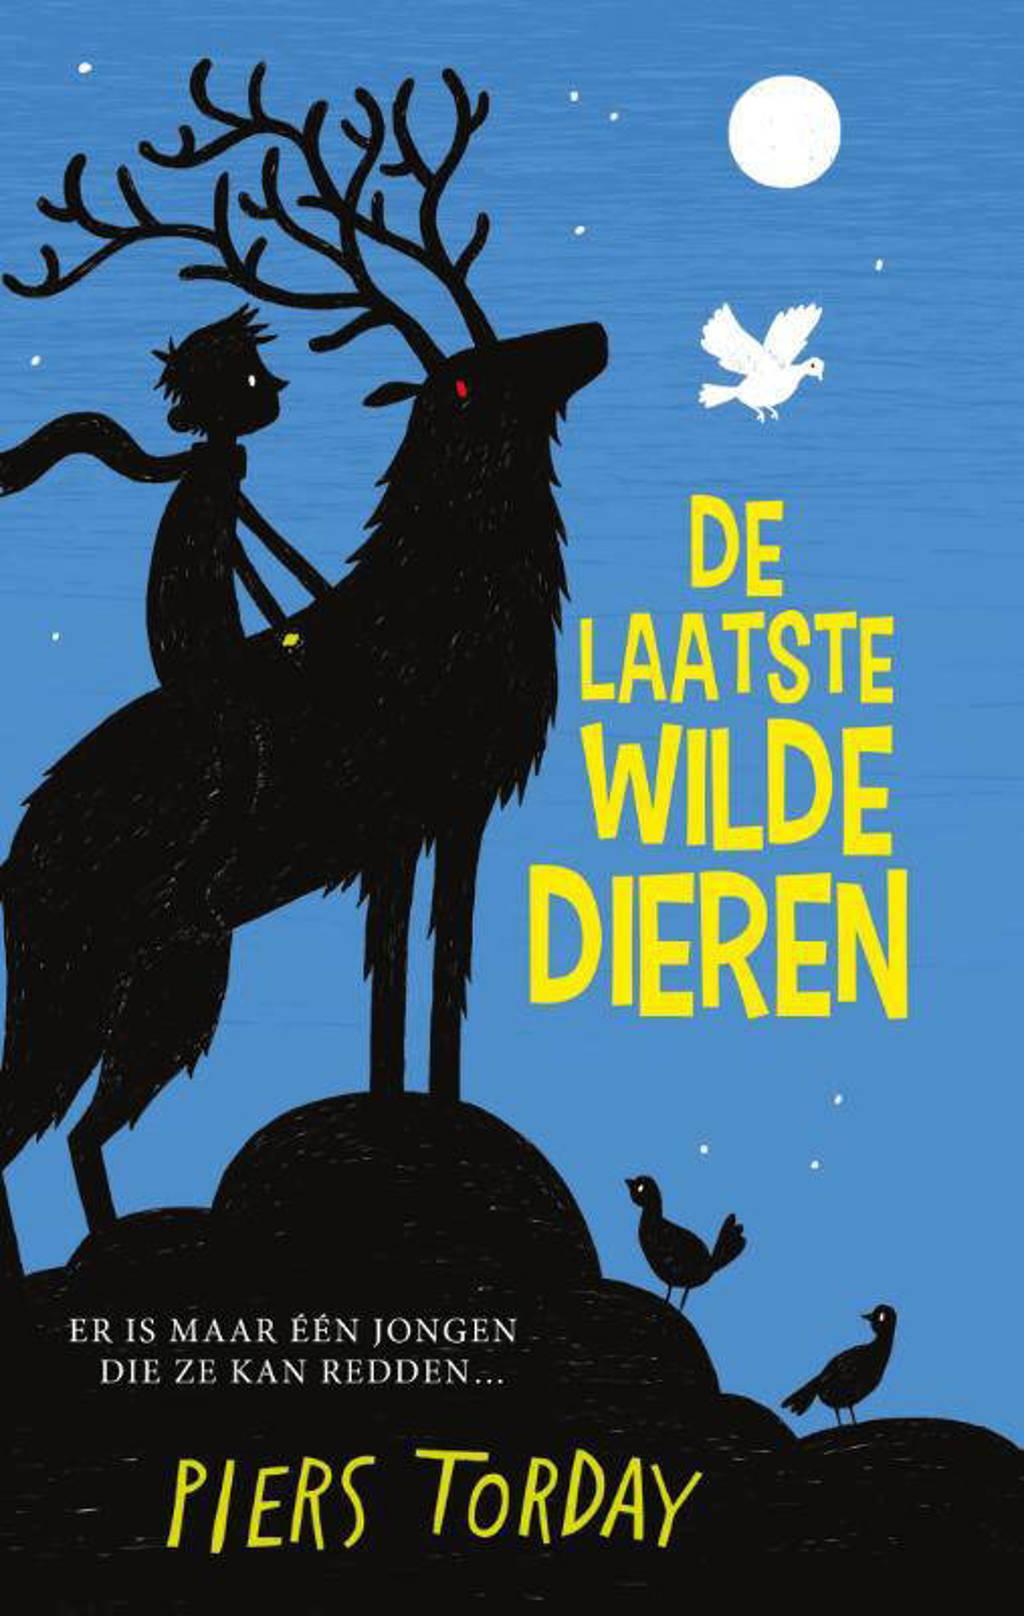 De laatste wilde dieren - Piers Torday